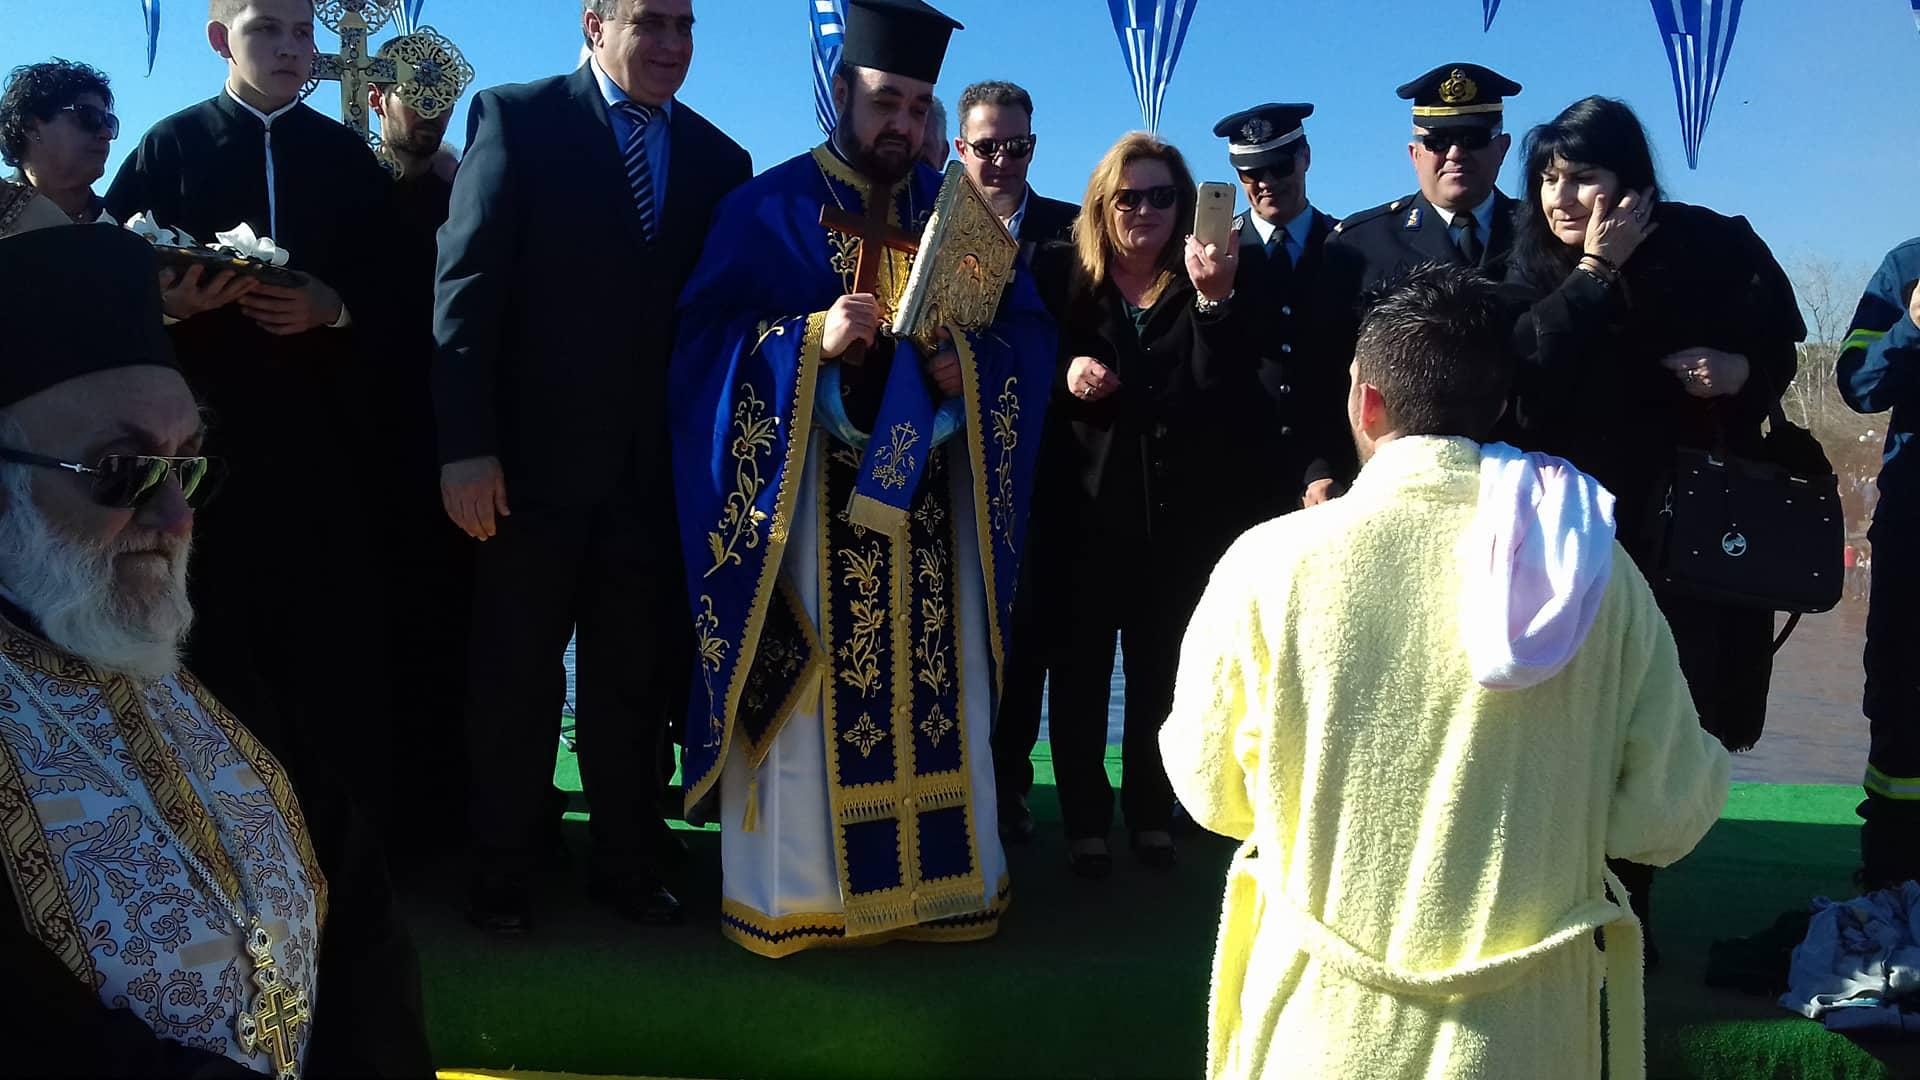 Πολιτικά: Ο Κώστας Καρατζάς έπιασε τον Τίμιο Σταυρό στα φετινά Θεοφάνεια  (φωτογραφίες-video) 26655501 2048584841819161 1627754168 o